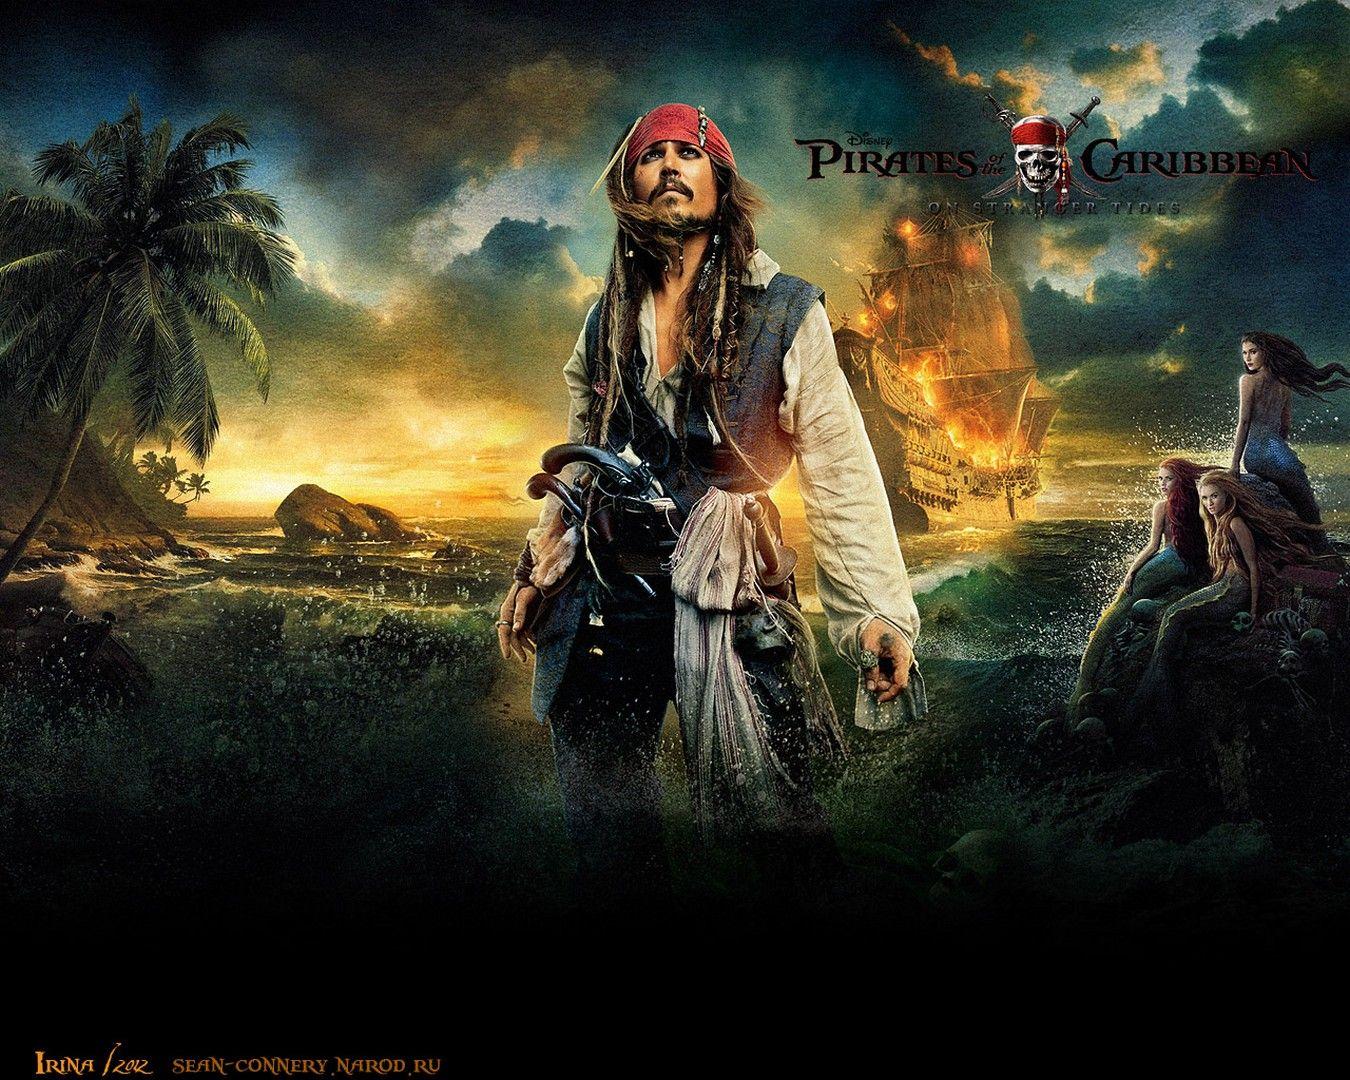 Dead Men Tell No Tales Wallpaper: HD Pirates Of The Caribbean: Dead Men Tell No Tales